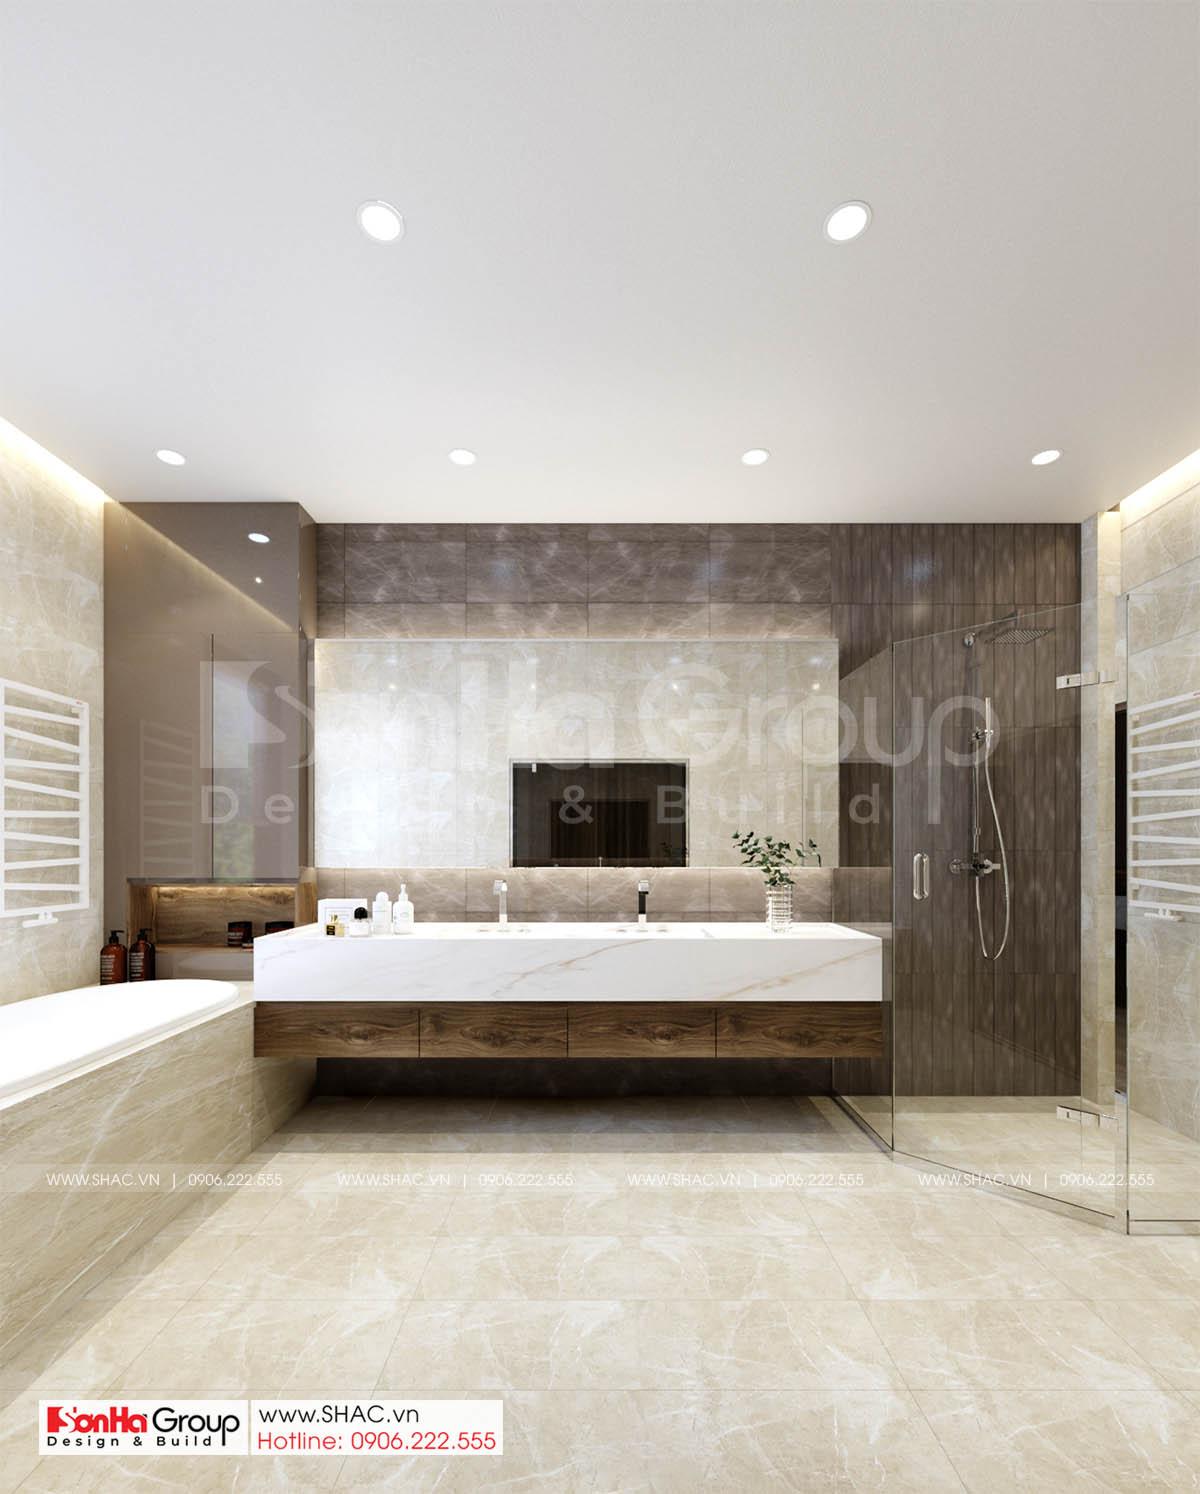 Bố trí nội thất phòng tắm biệt thự tân cổ điển mặt tiền 17m tại Hà Nội